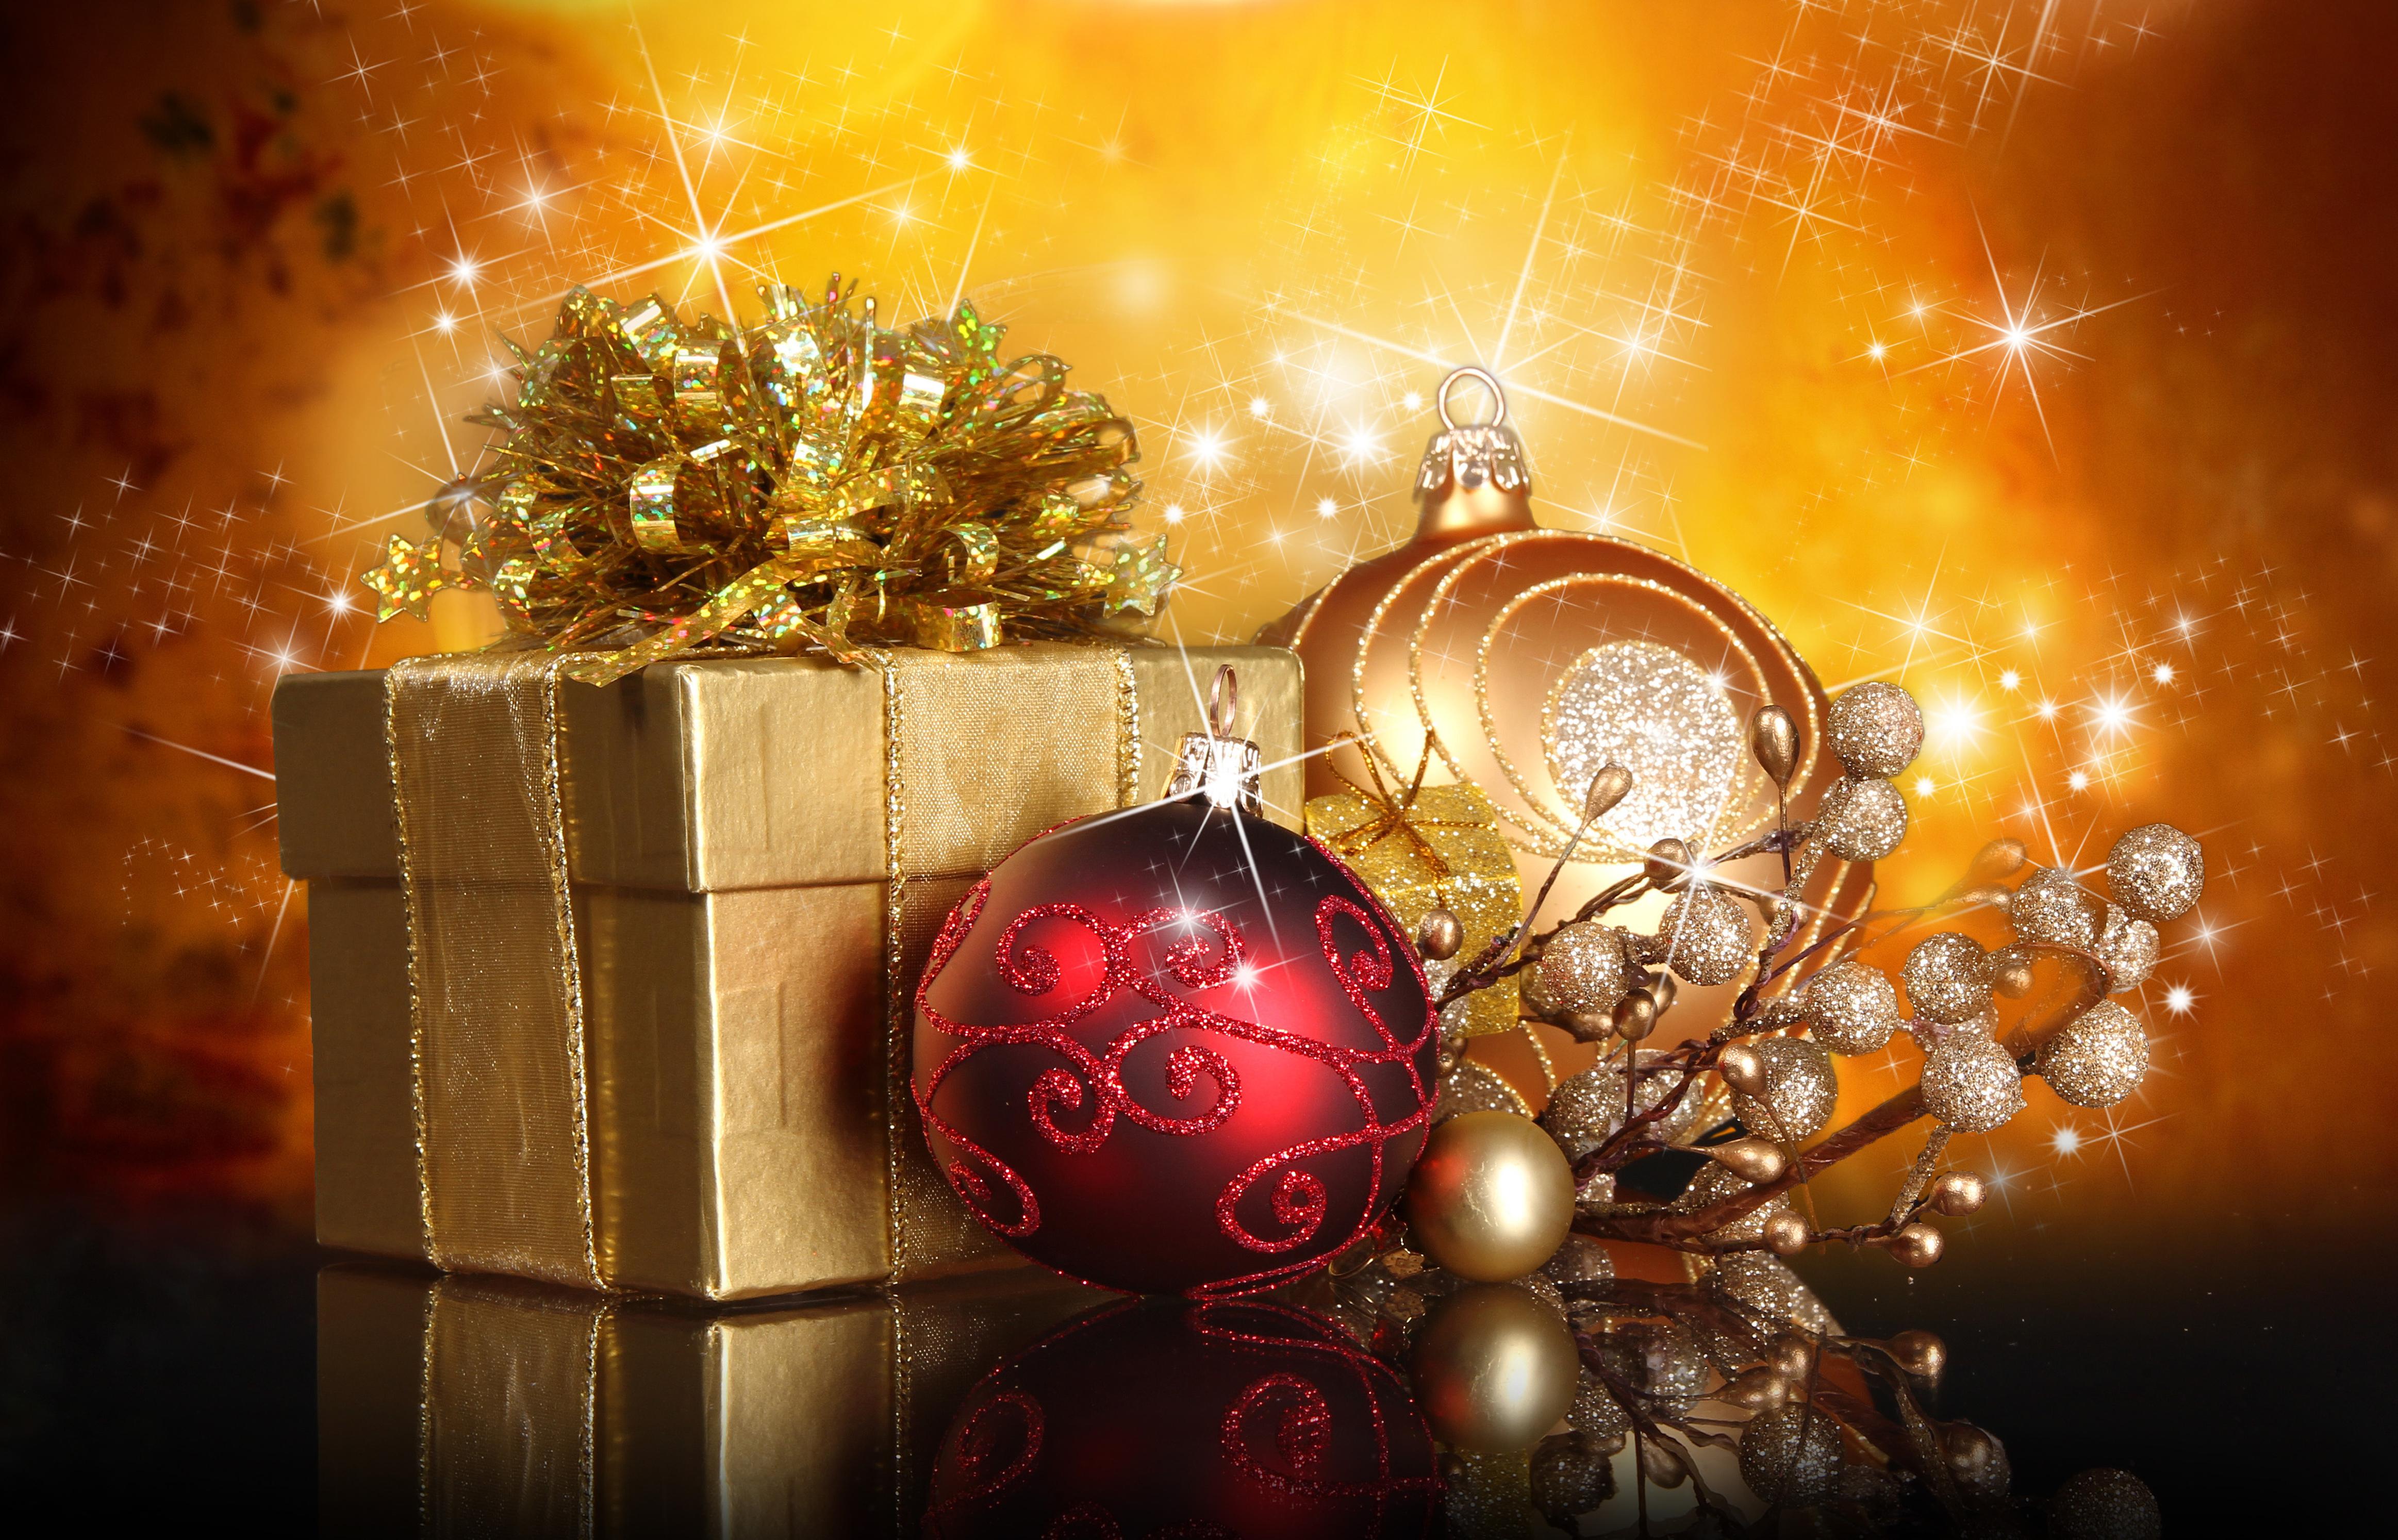 Фото и открытки новогодние, китая